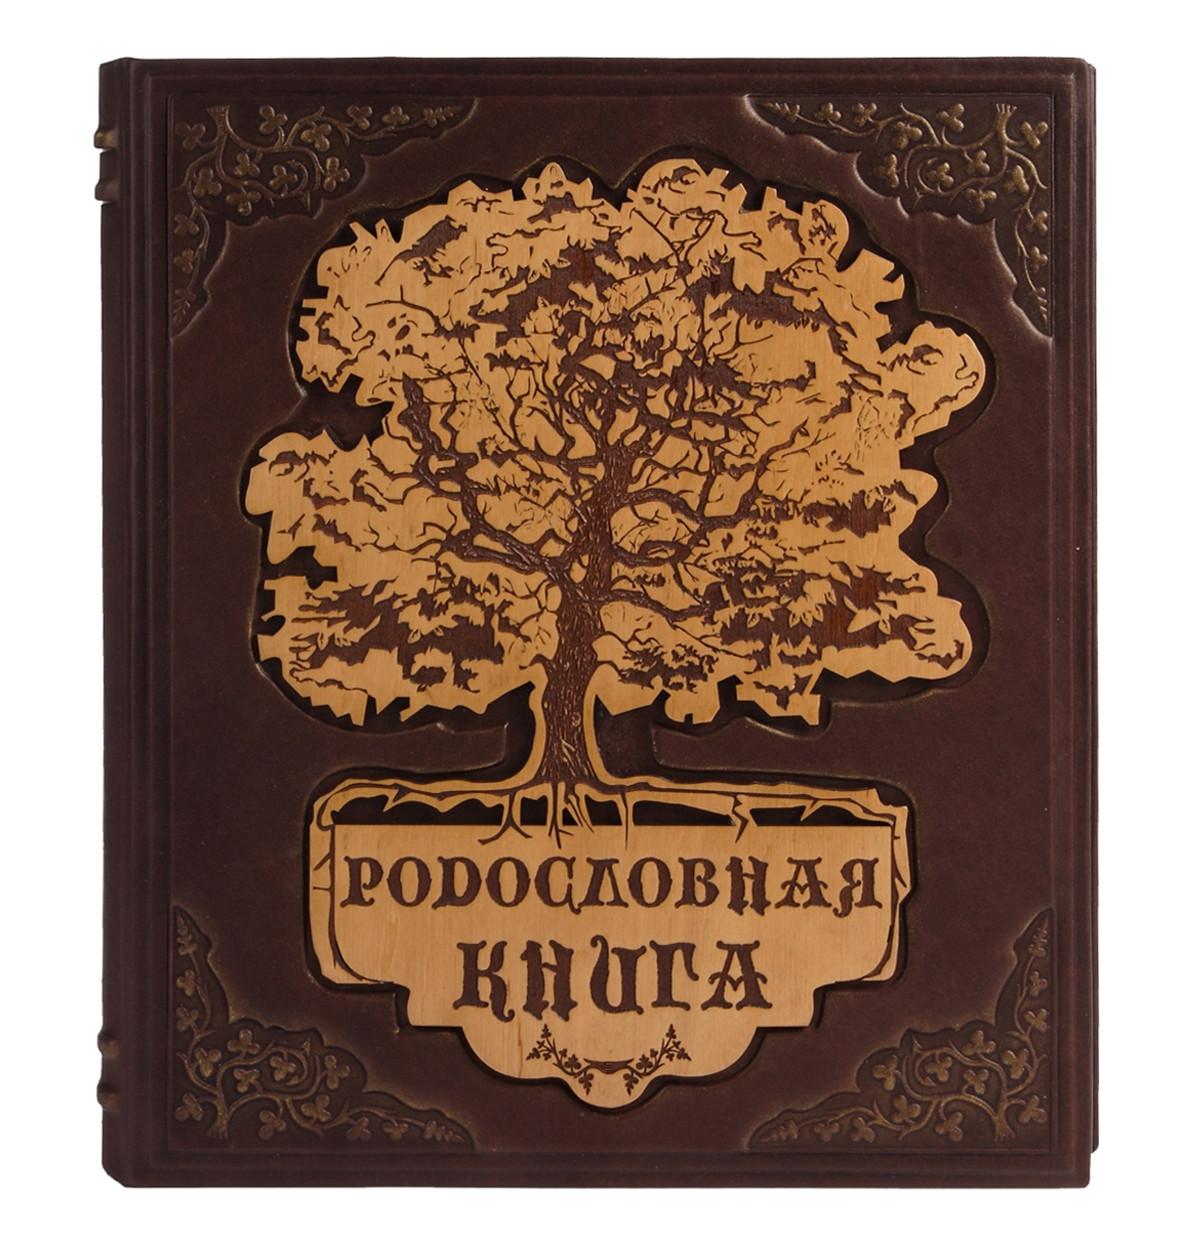 Родословная книга в кожаном переплете со вставкой из дерева